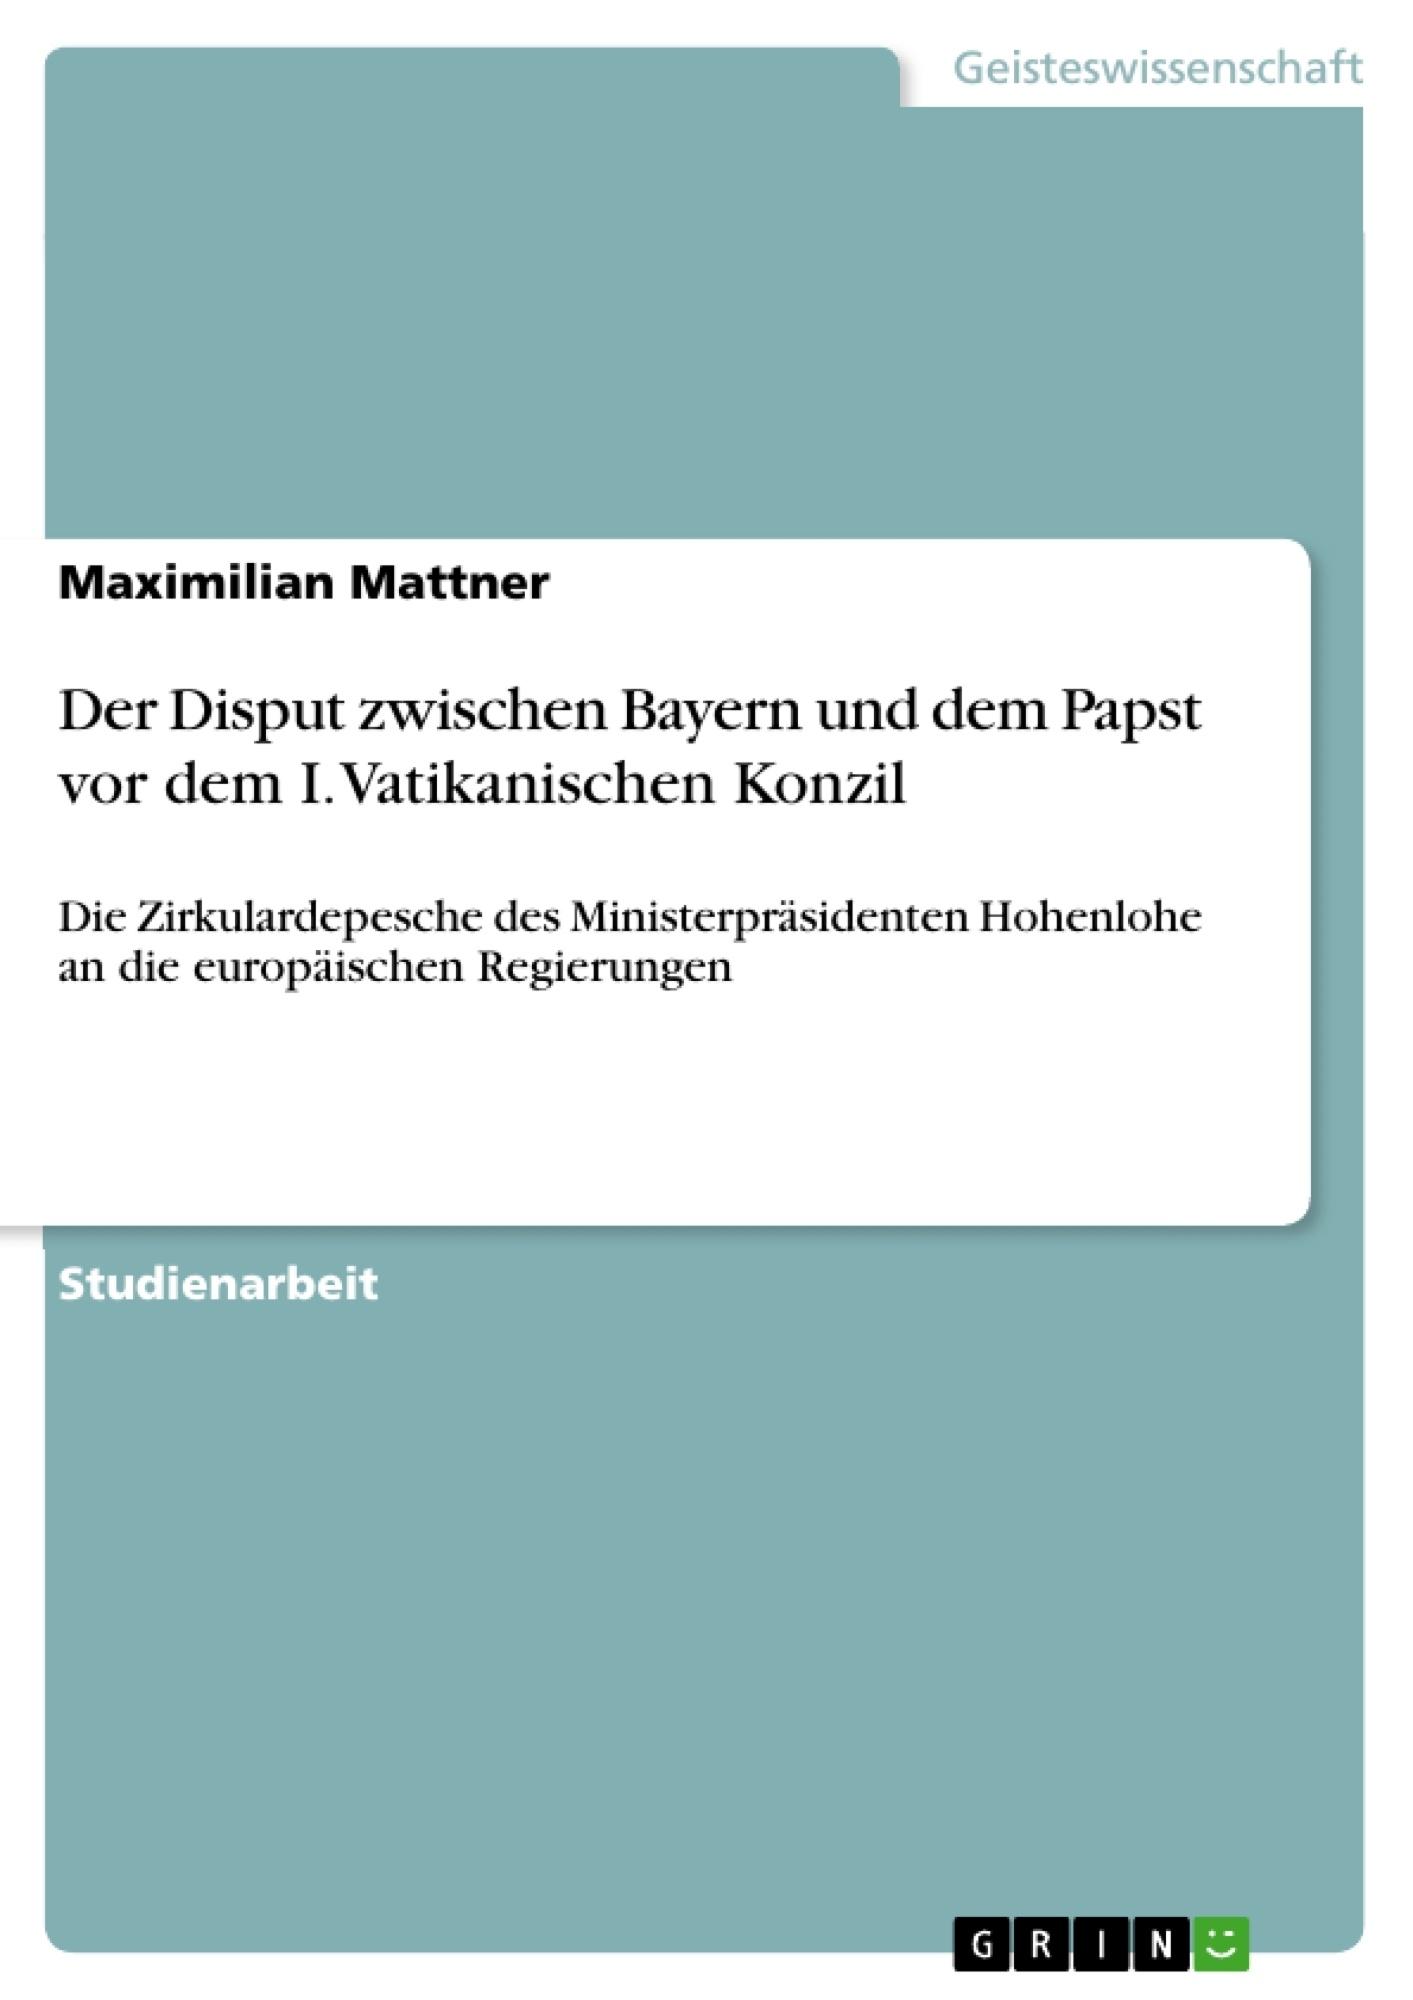 Titel: Der Disput zwischen Bayern und dem Papst vor dem I. Vatikanischen Konzil